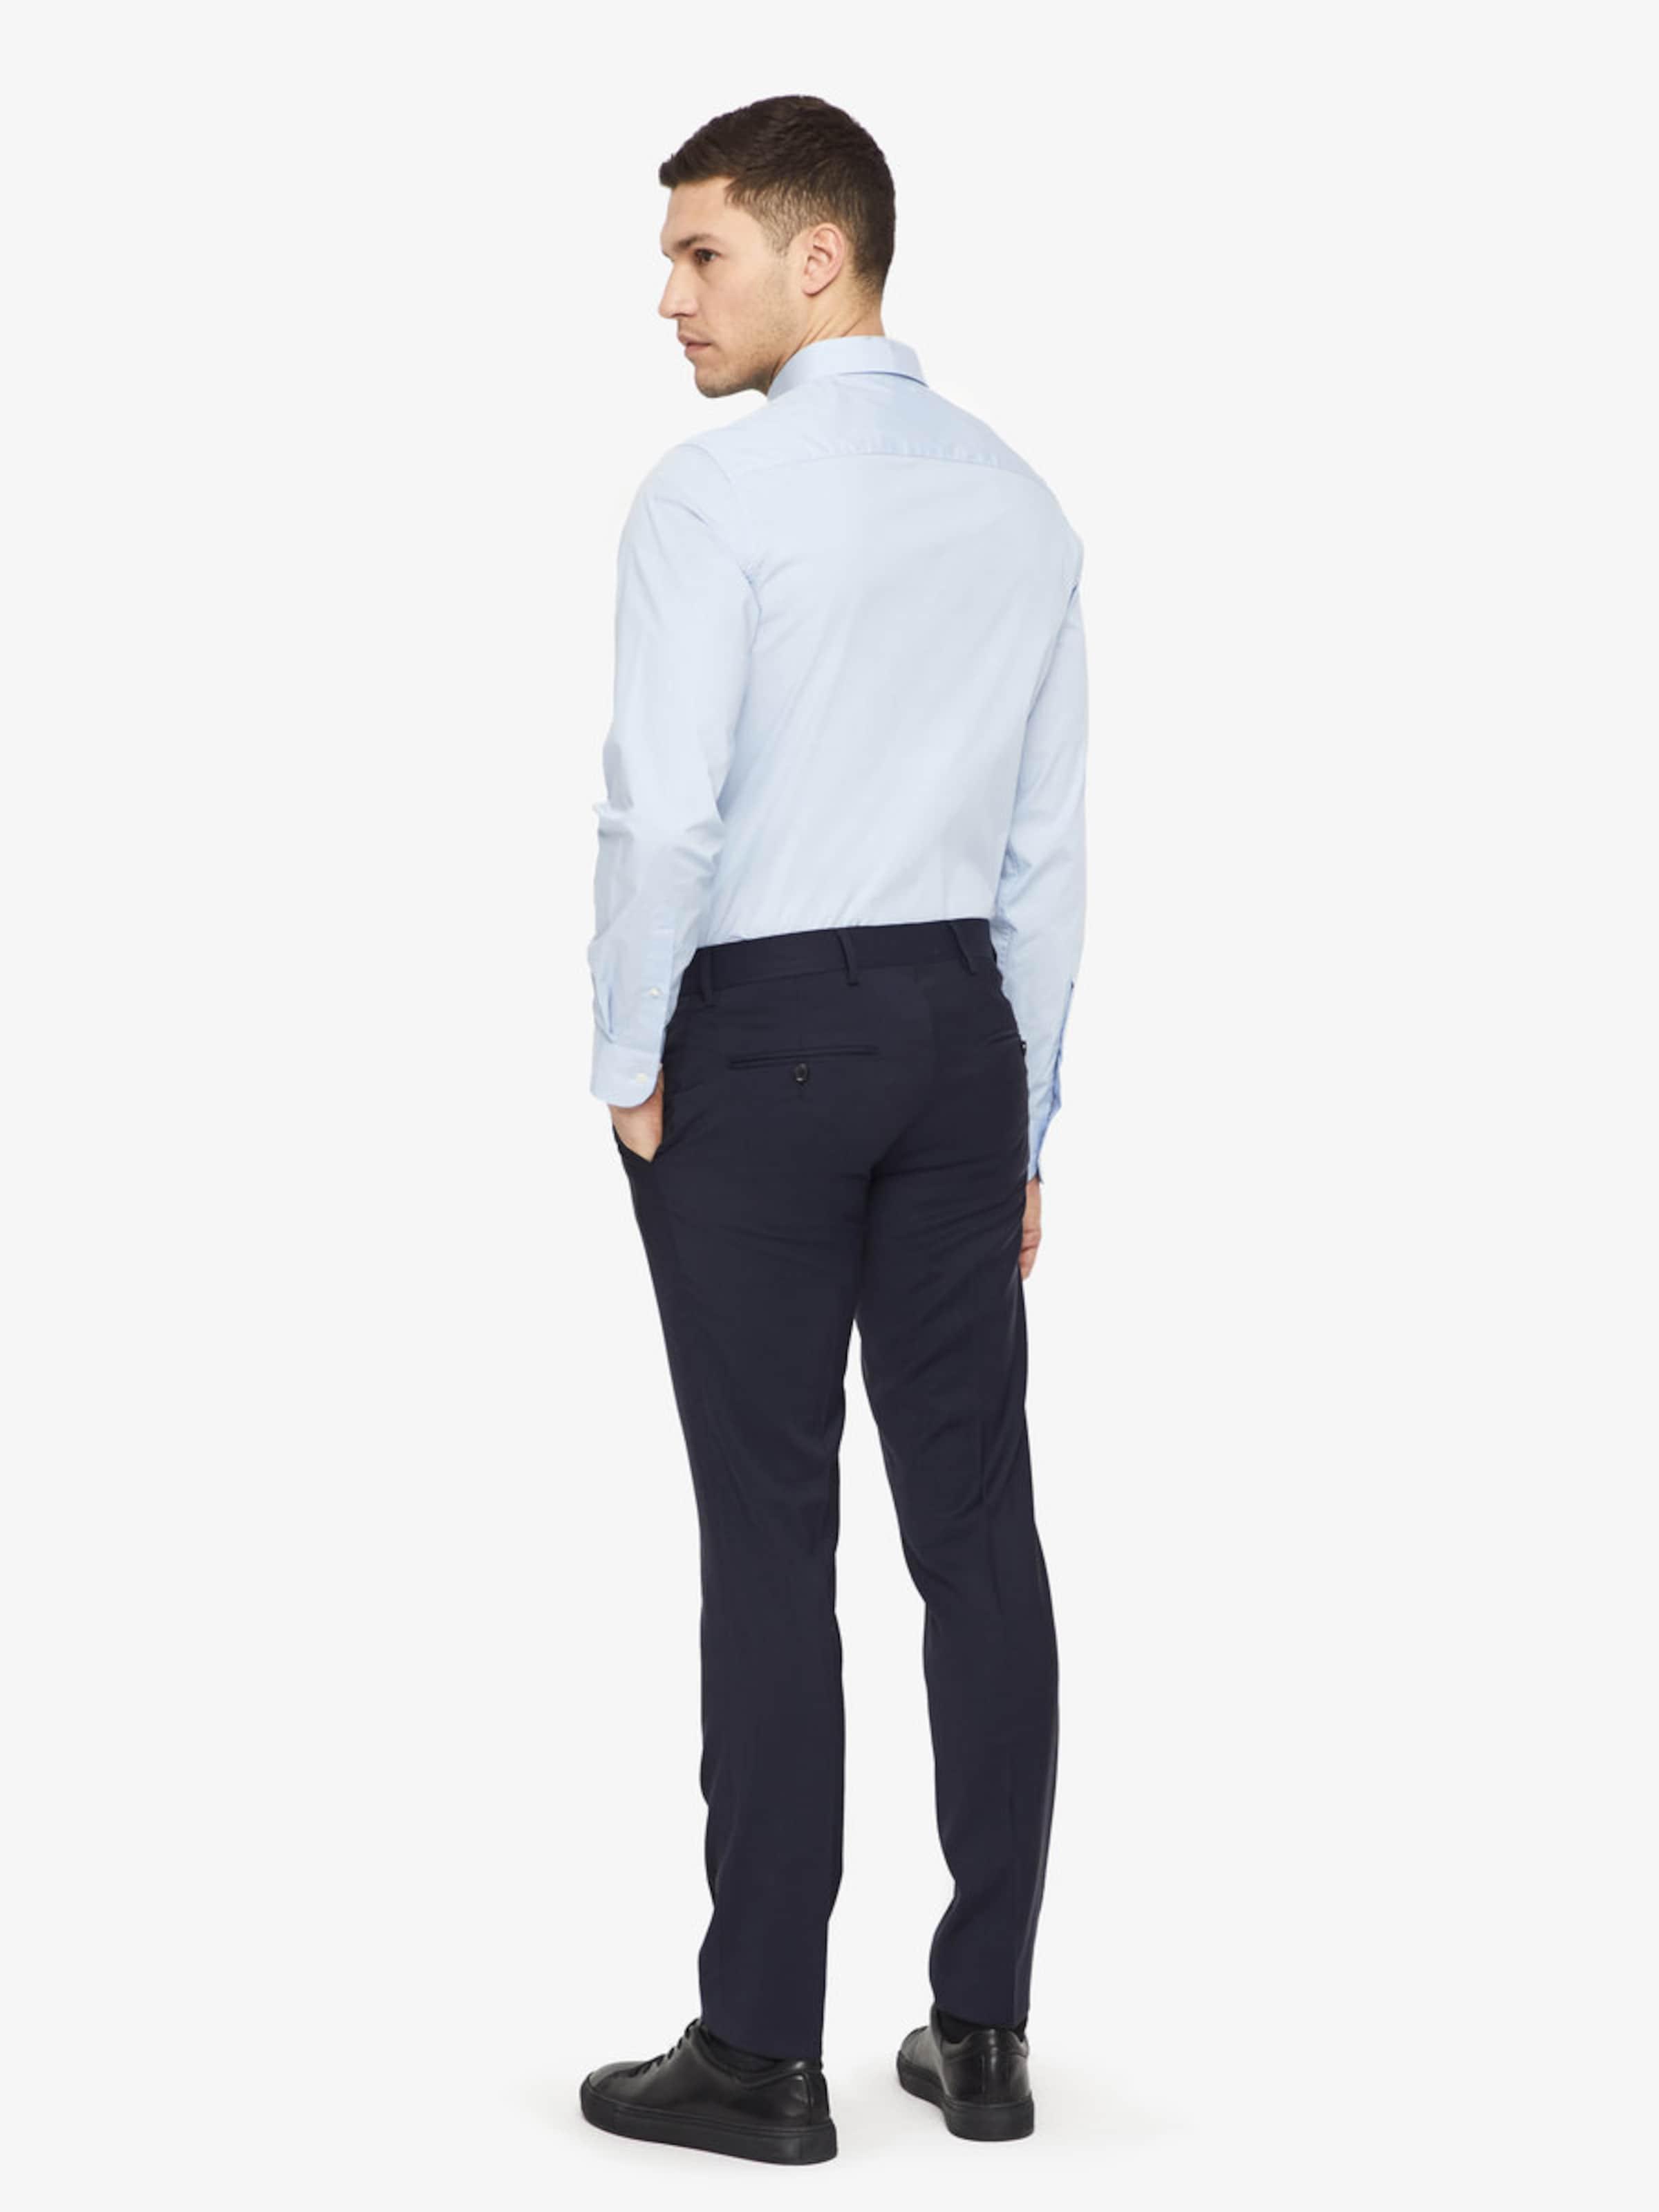 J En Pantalon lindeberg Noir À Pince 'paulie' WEDIH29